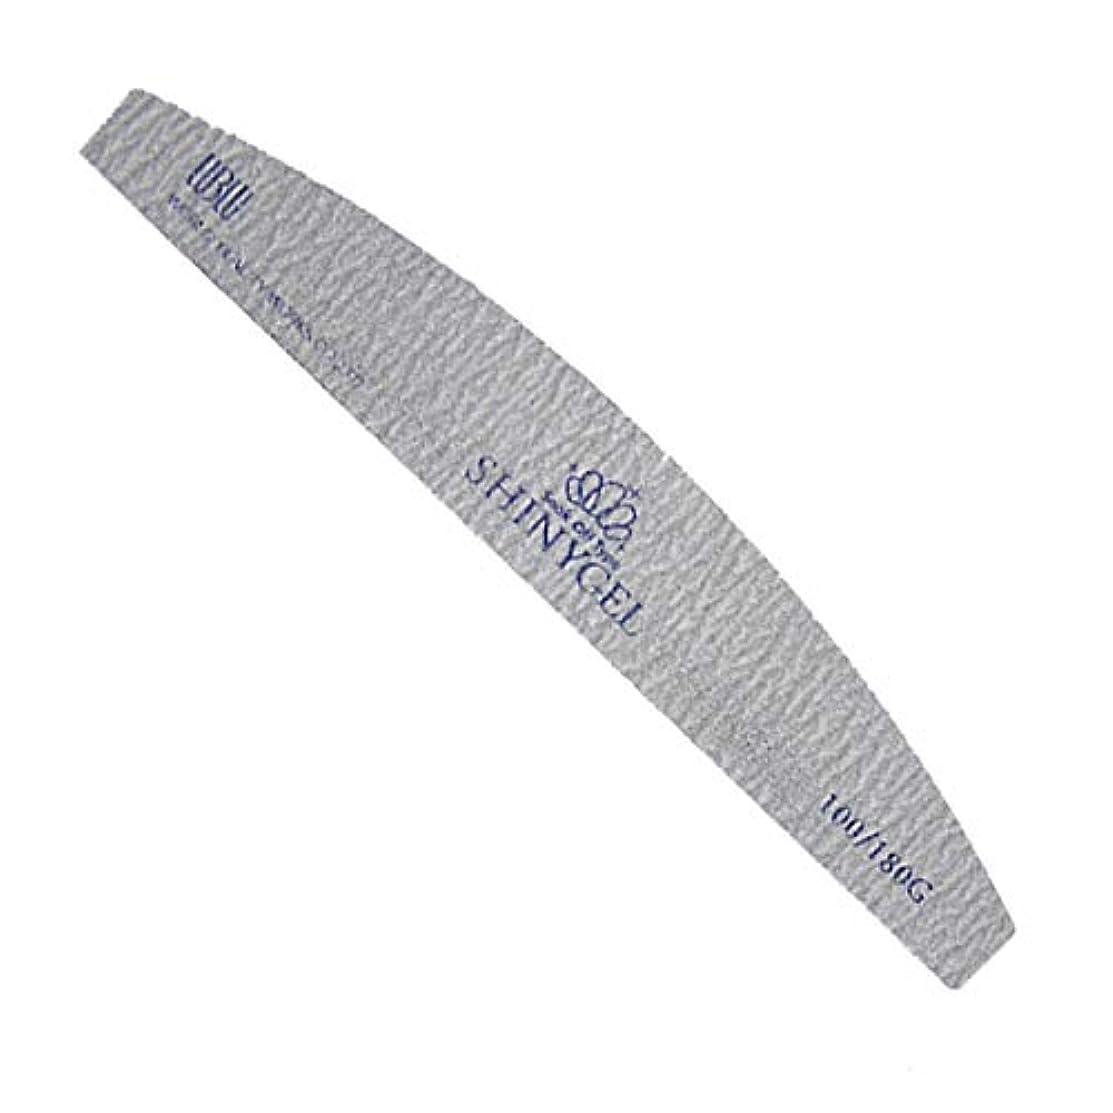 遅らせる平和的東ティモールSHINYGEL シャイニージェル ゼブラファイル(アーチ型) 100/180グリッド